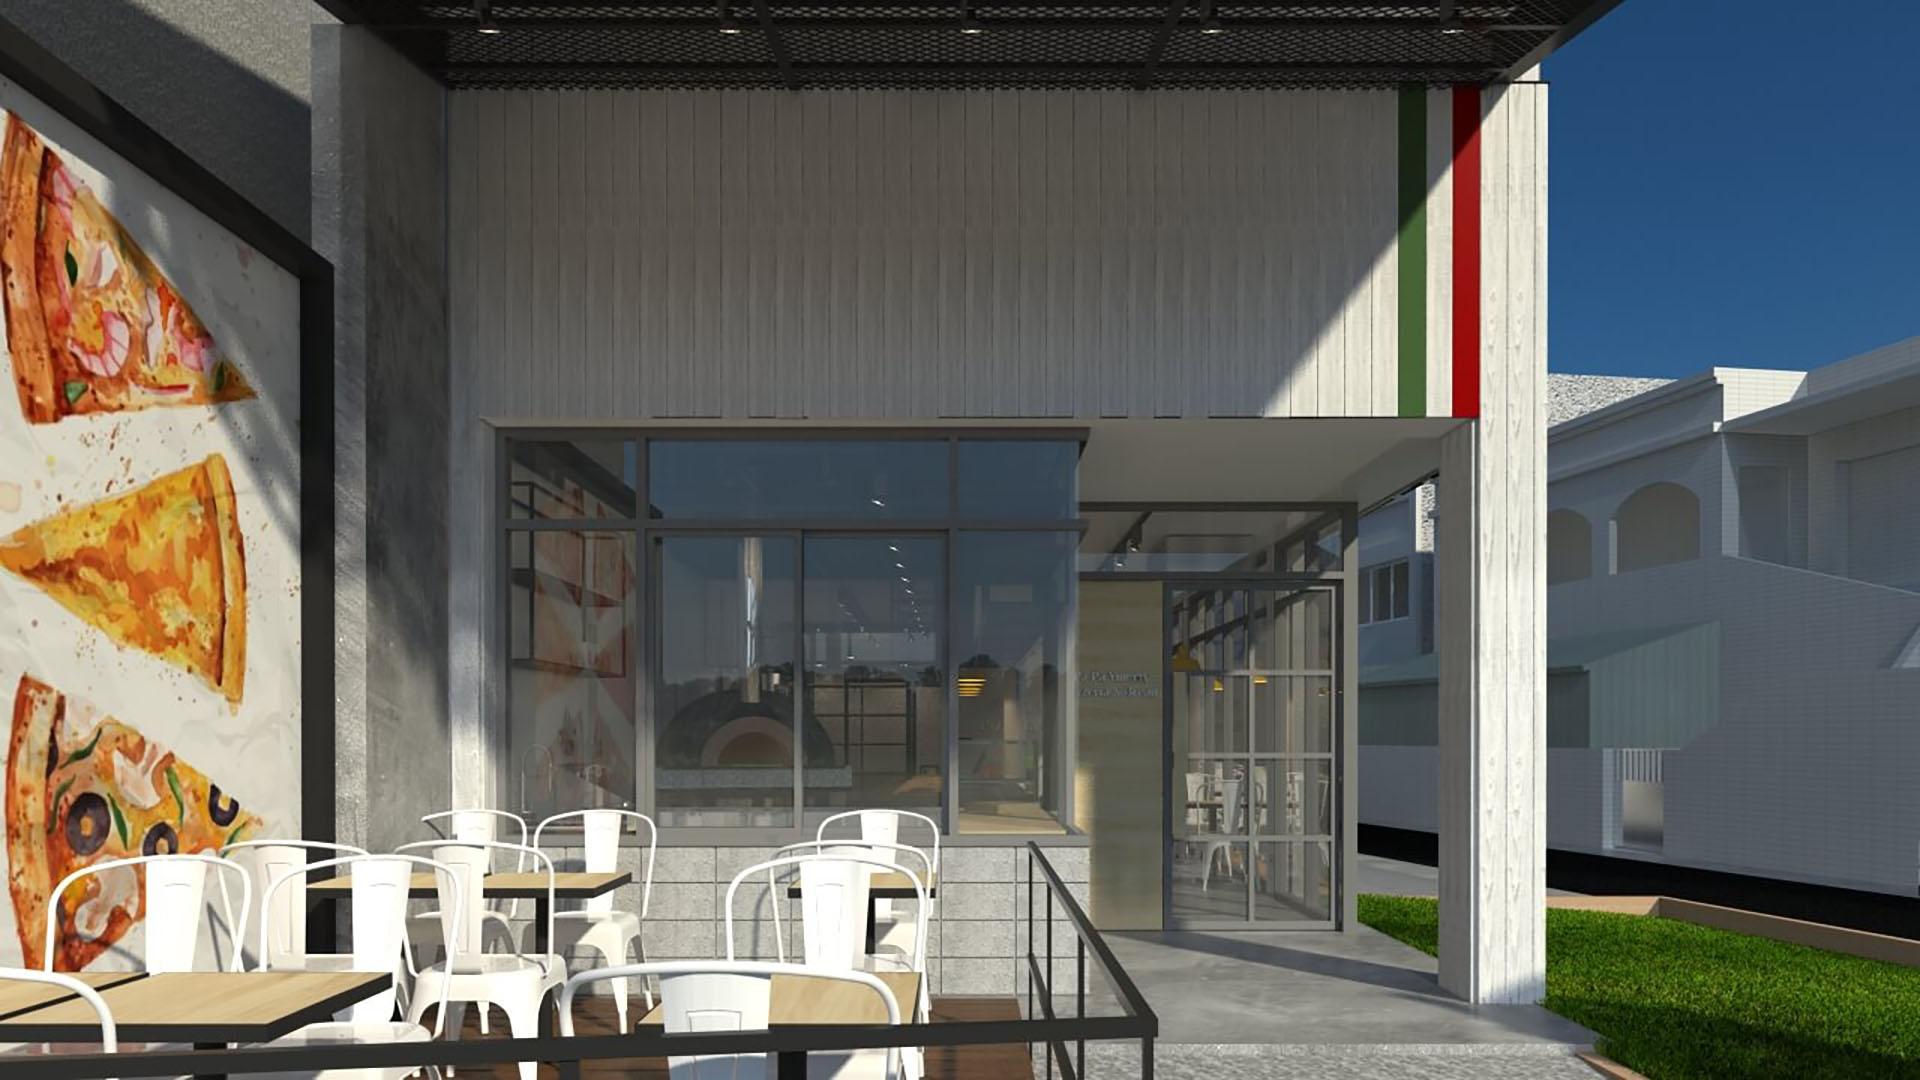 商空設計,pizza店設計,餐廳設計,餐廚空間設計,工業風,商業空間,義大利麵,義式比薩店,義式餐廳設計,義式料理,